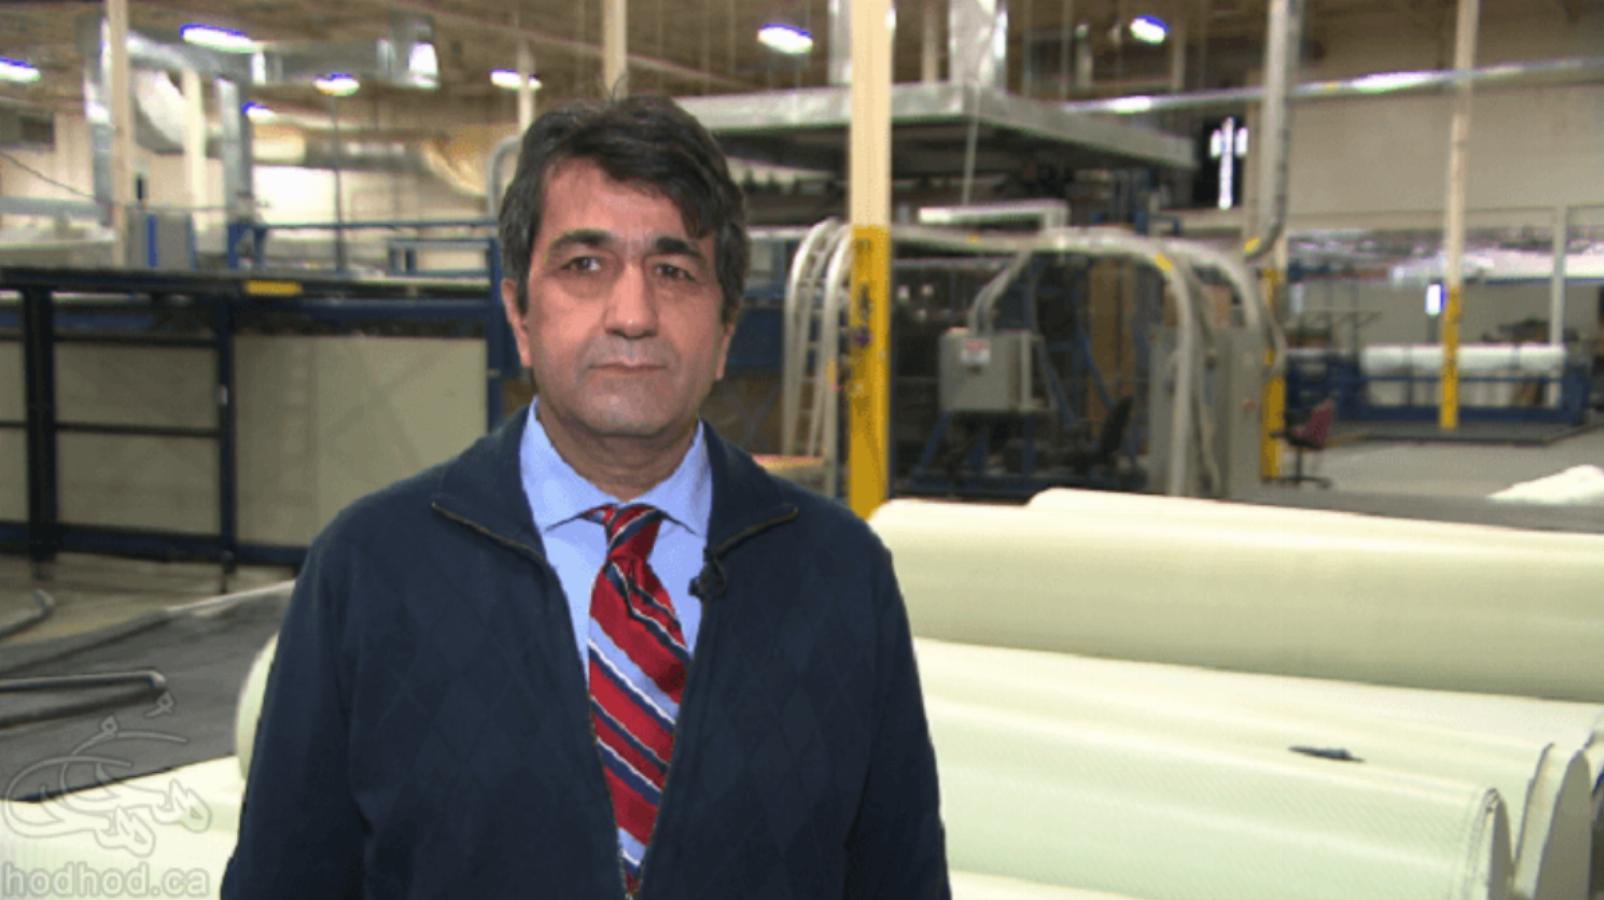 دکتر حسین برازقی کارخانه دار مونترالی در مصاحبه با رادیو کانادا از دولت کانادا به دلیل نداشتن ارتباط با ایران انتقاد کرد